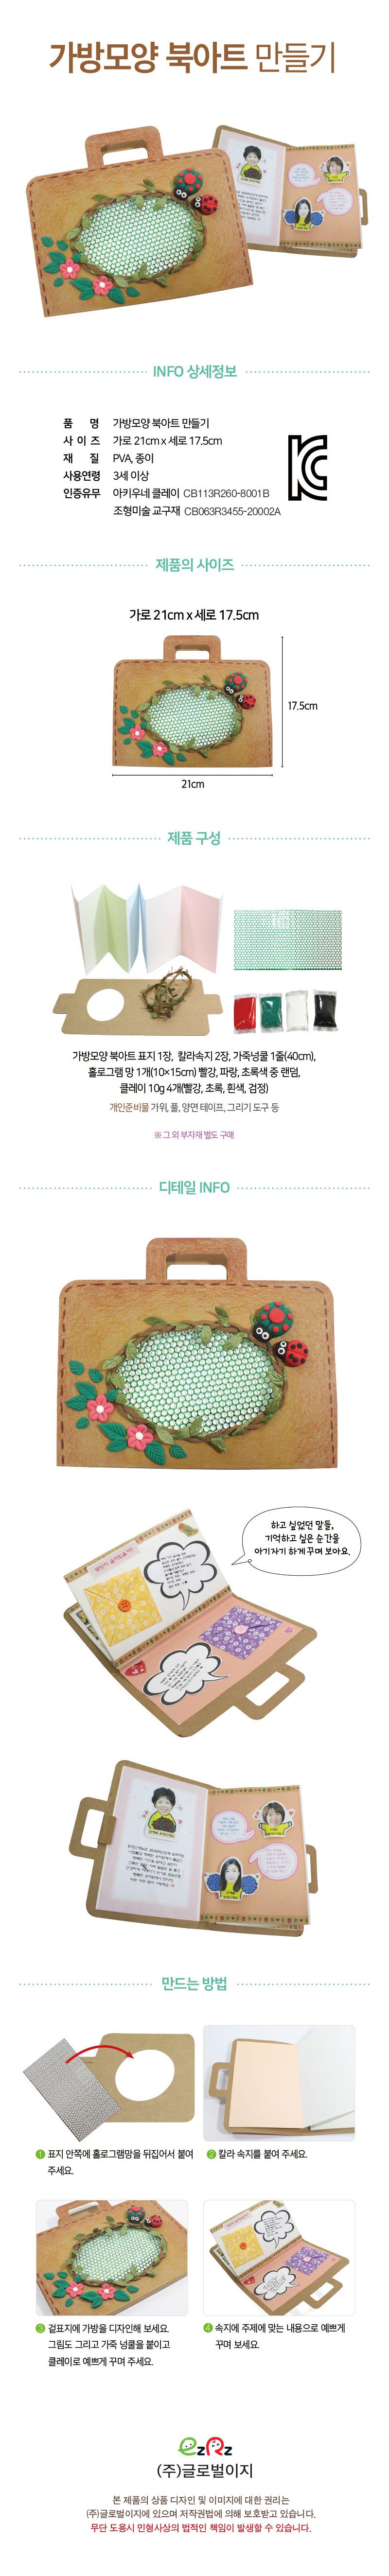 가방 모양 북아트 만들기 세트 재료(1인용) - 이지피아, 2,800원, 종이공예/북아트, 북아트 패키지